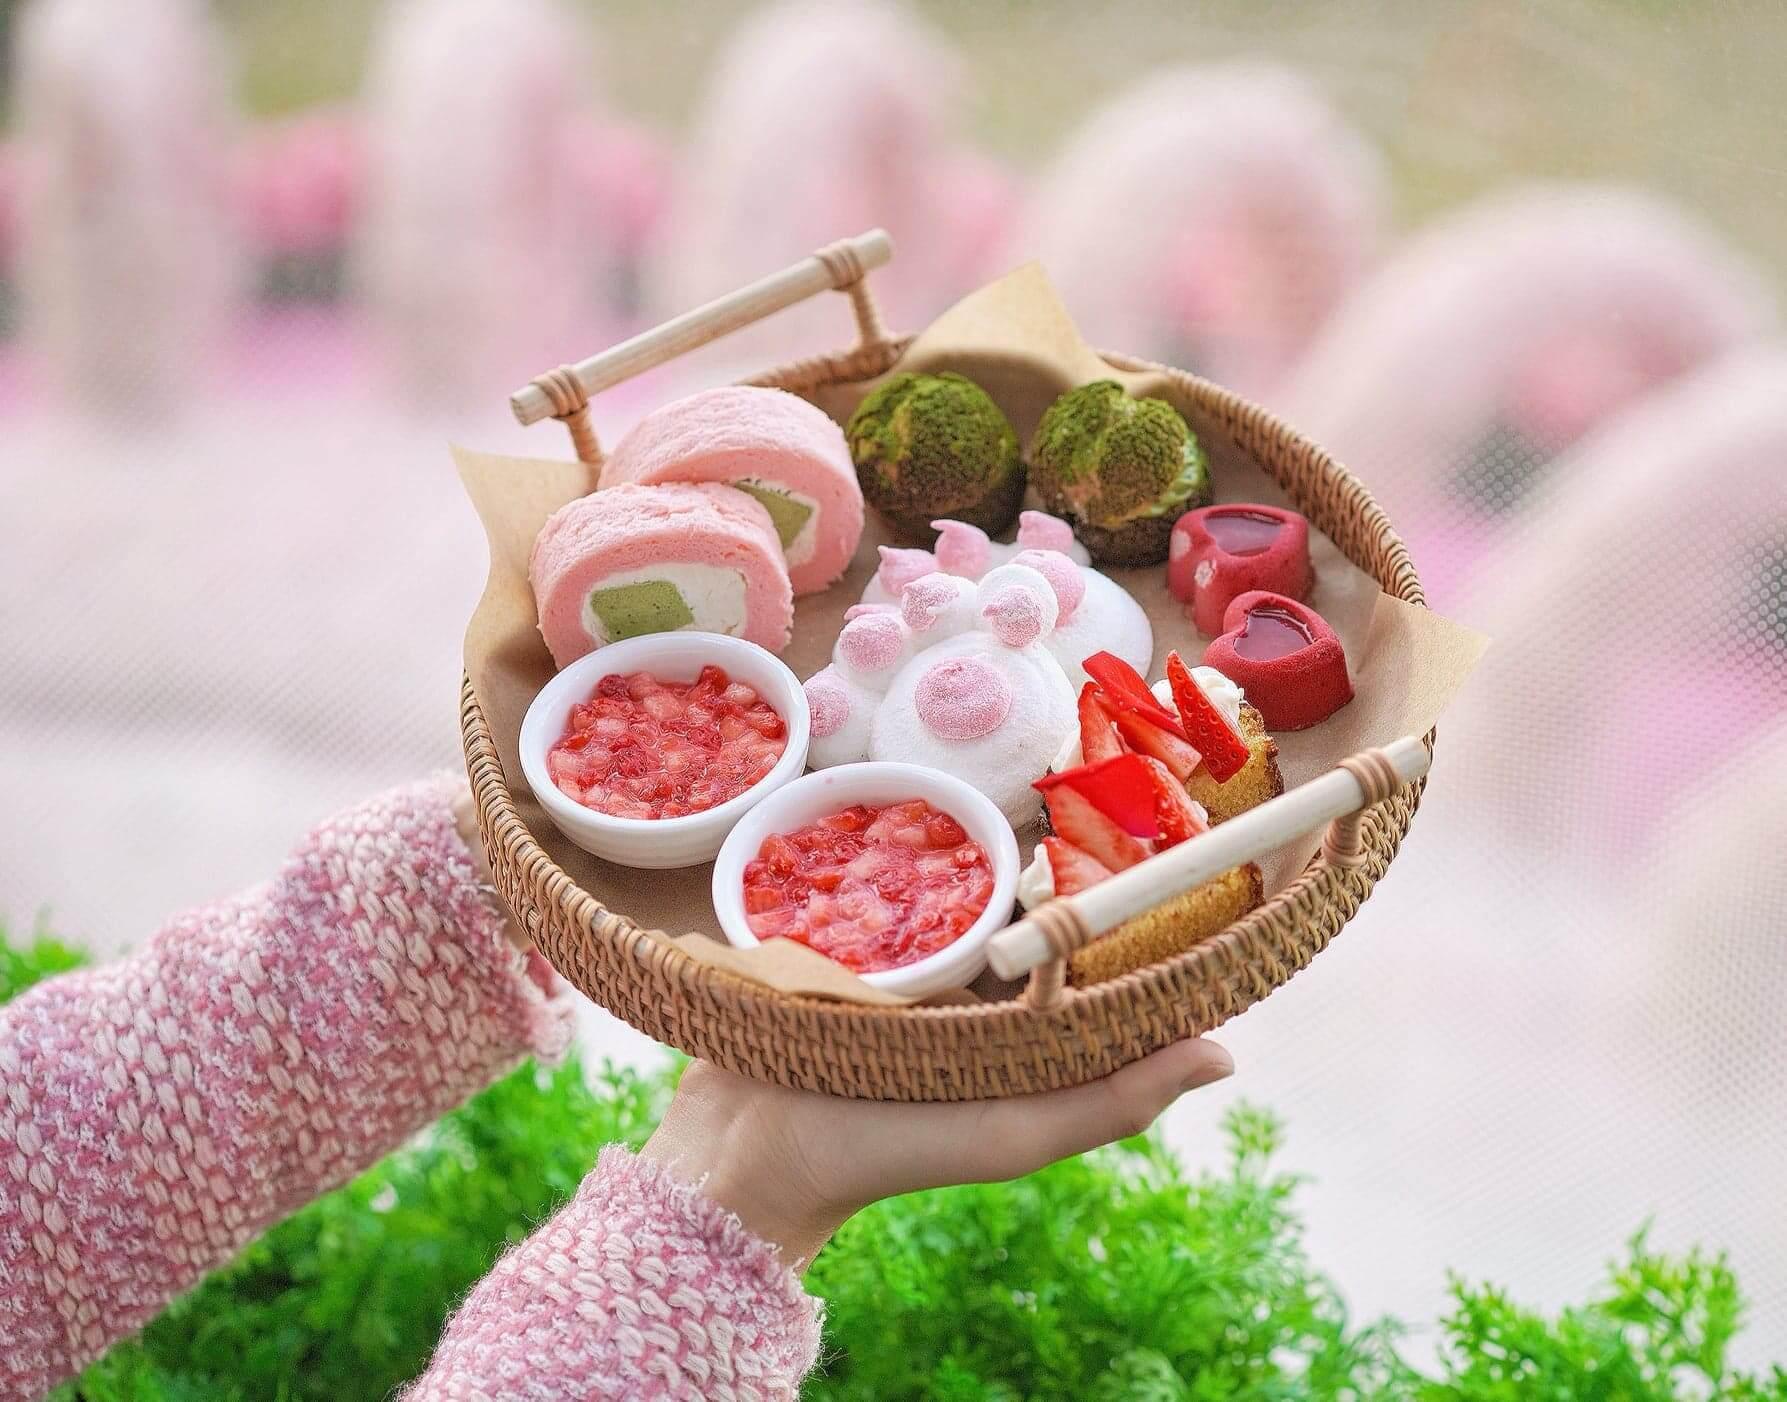 五款甜品均由日藉大廚以福岡頂級「博多甜王」草莓製作。